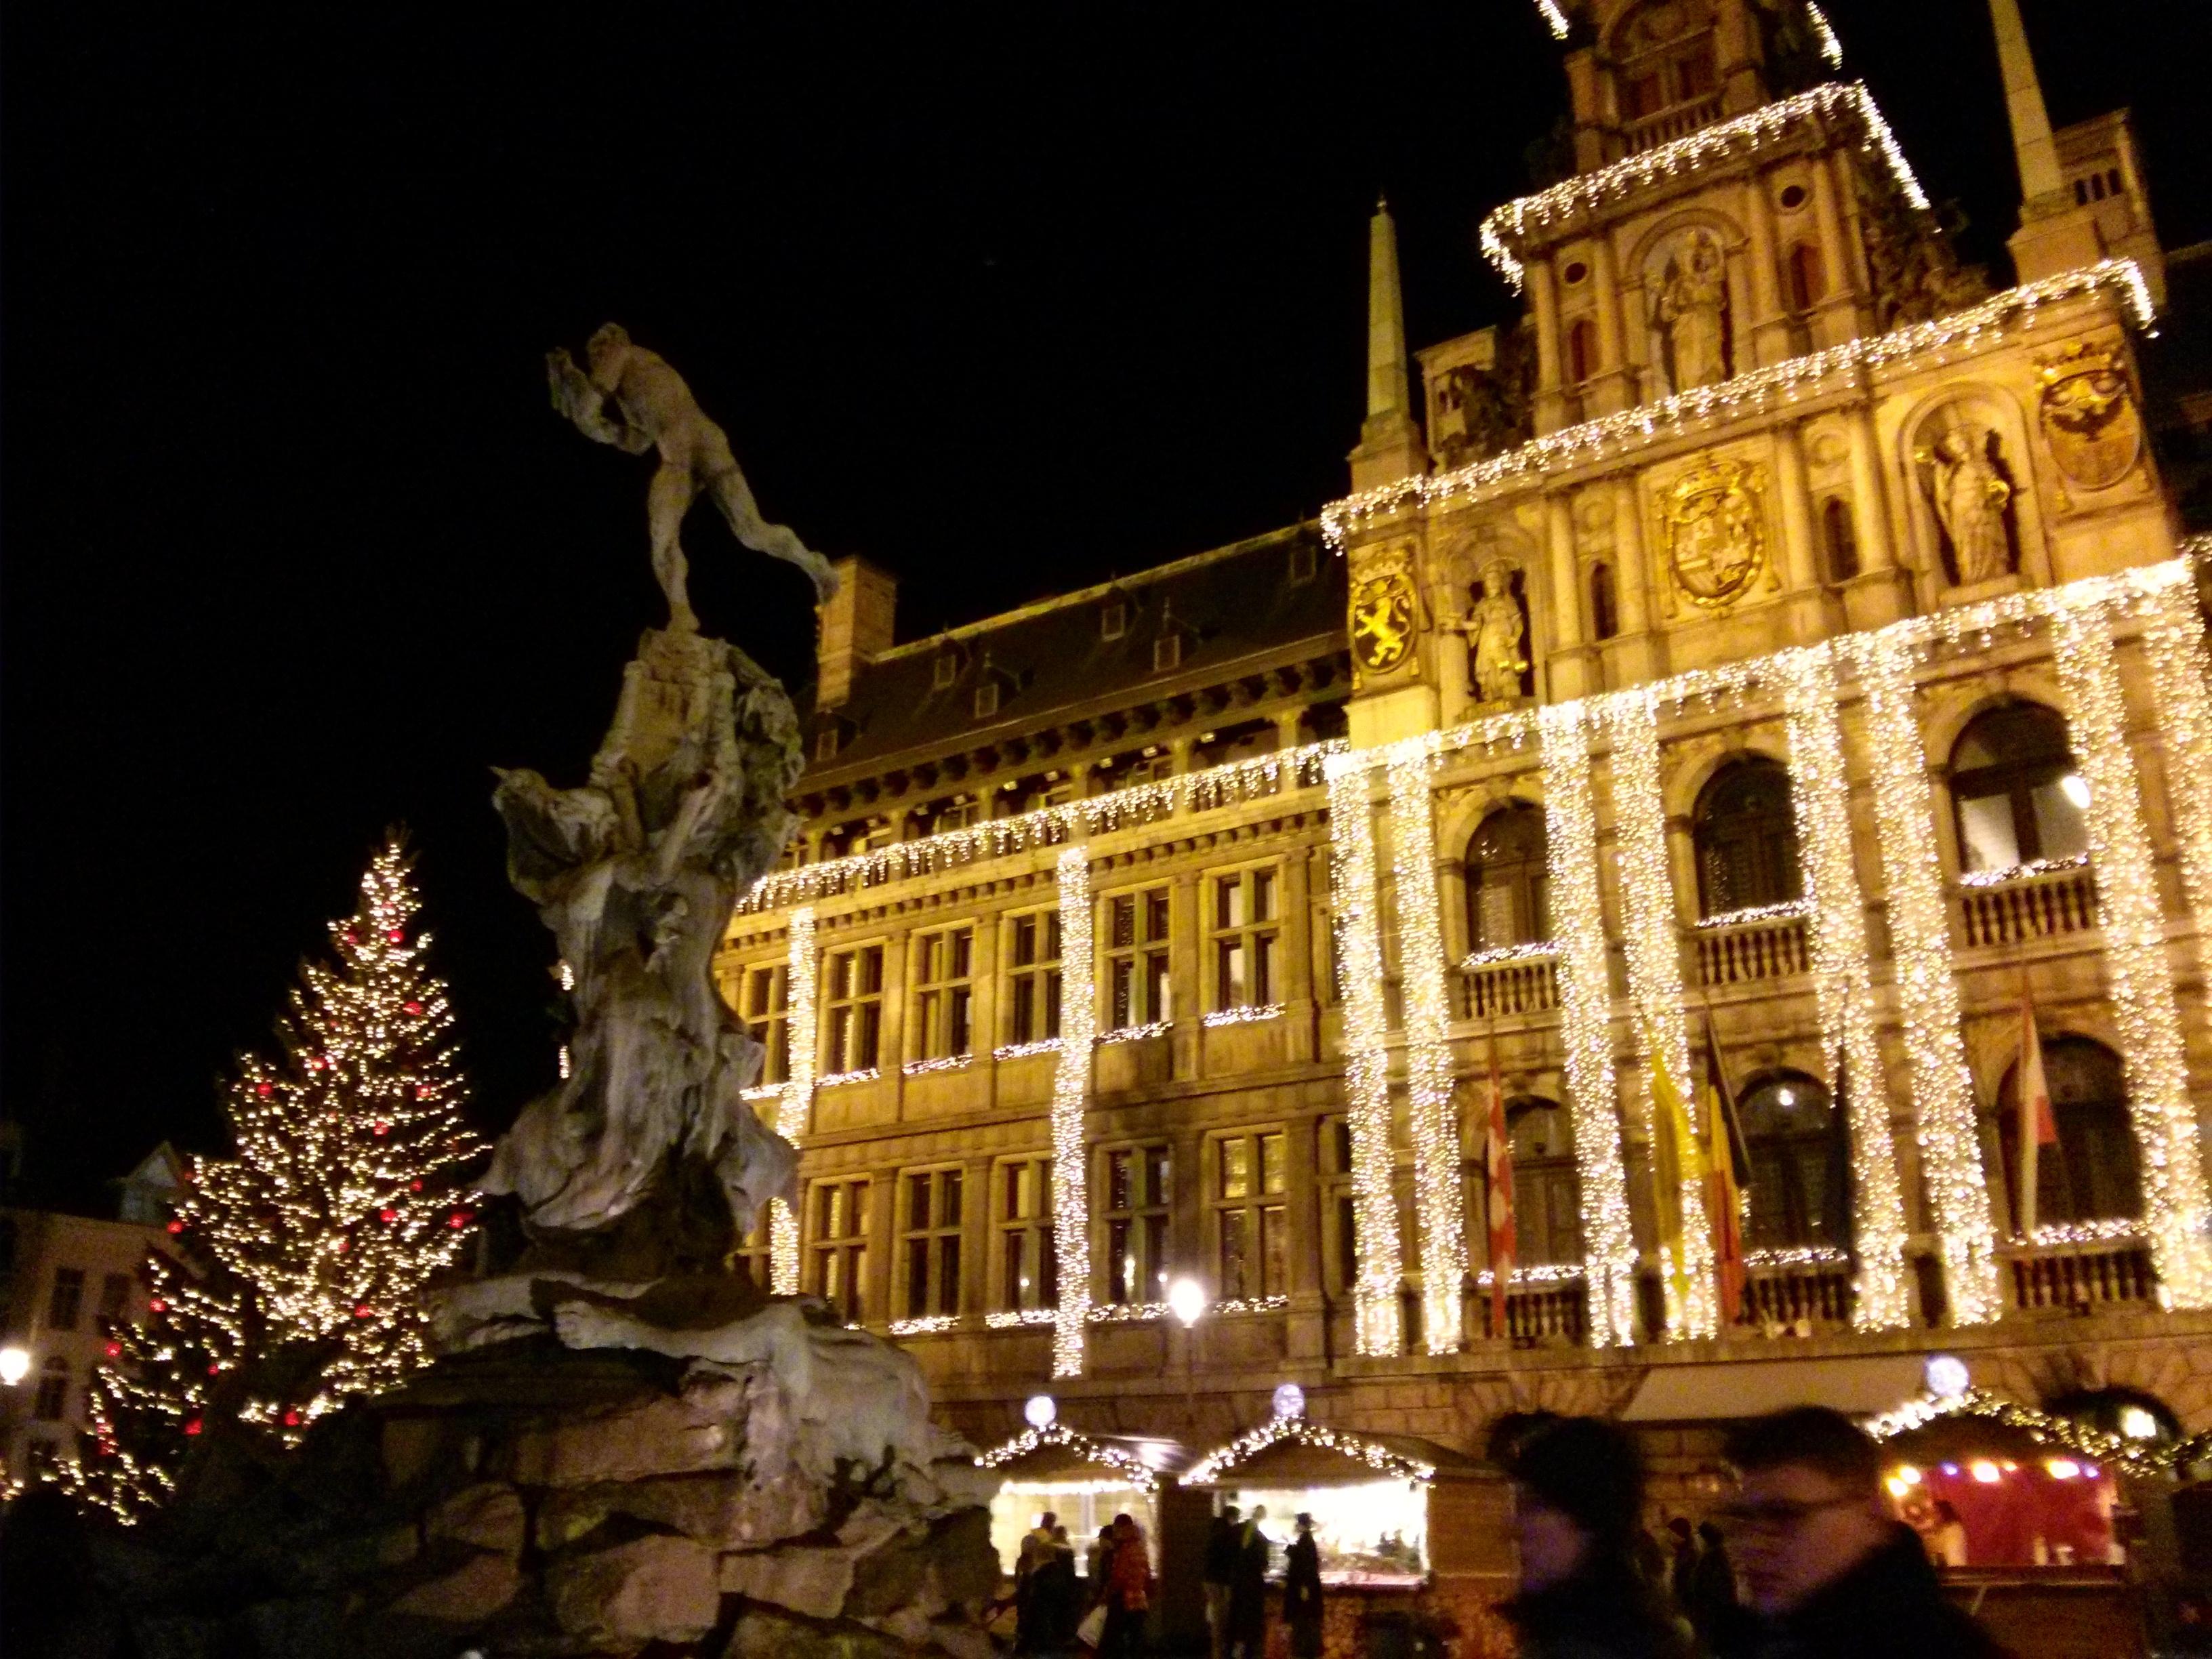 Where Can You Buy Christmas Lights